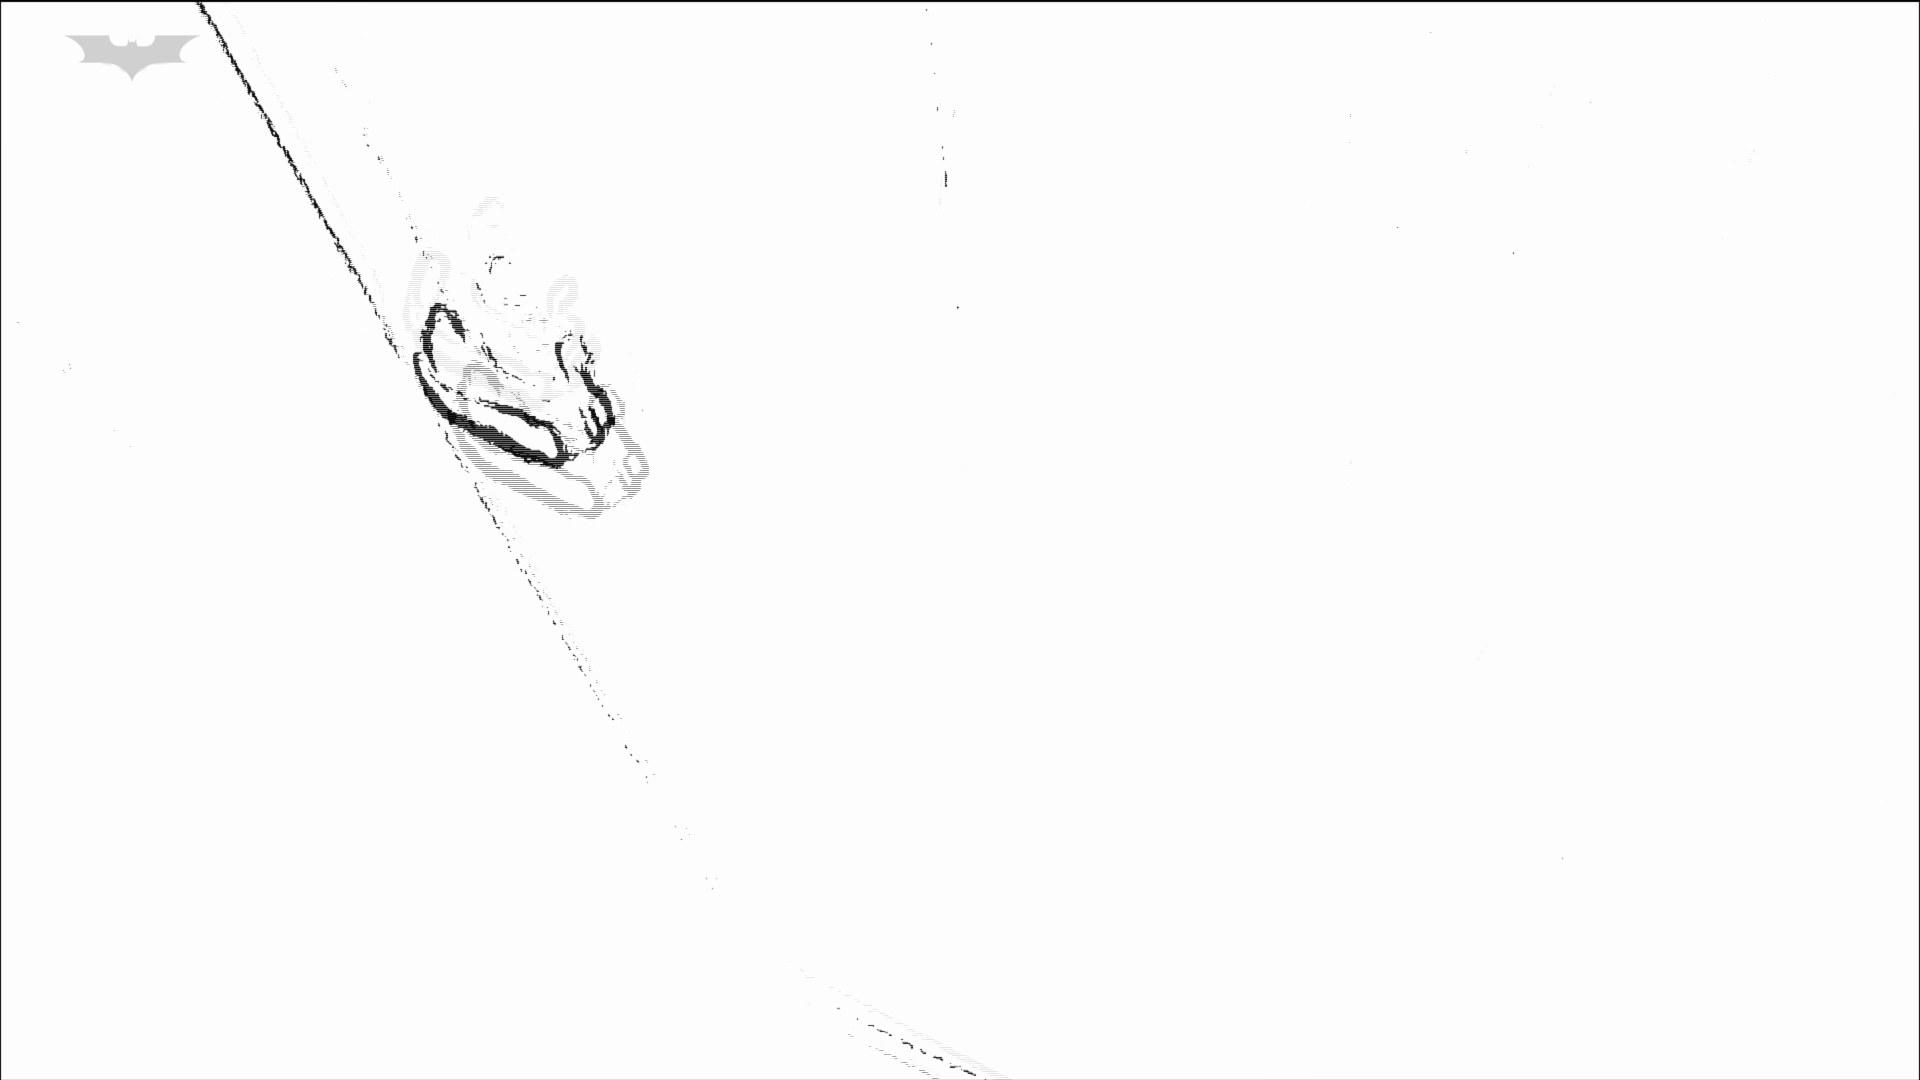 和式洋式七変化 Vol.31 洋式だけど丸見えですっ!! 丸見えマンコ | 高画質  96画像 47